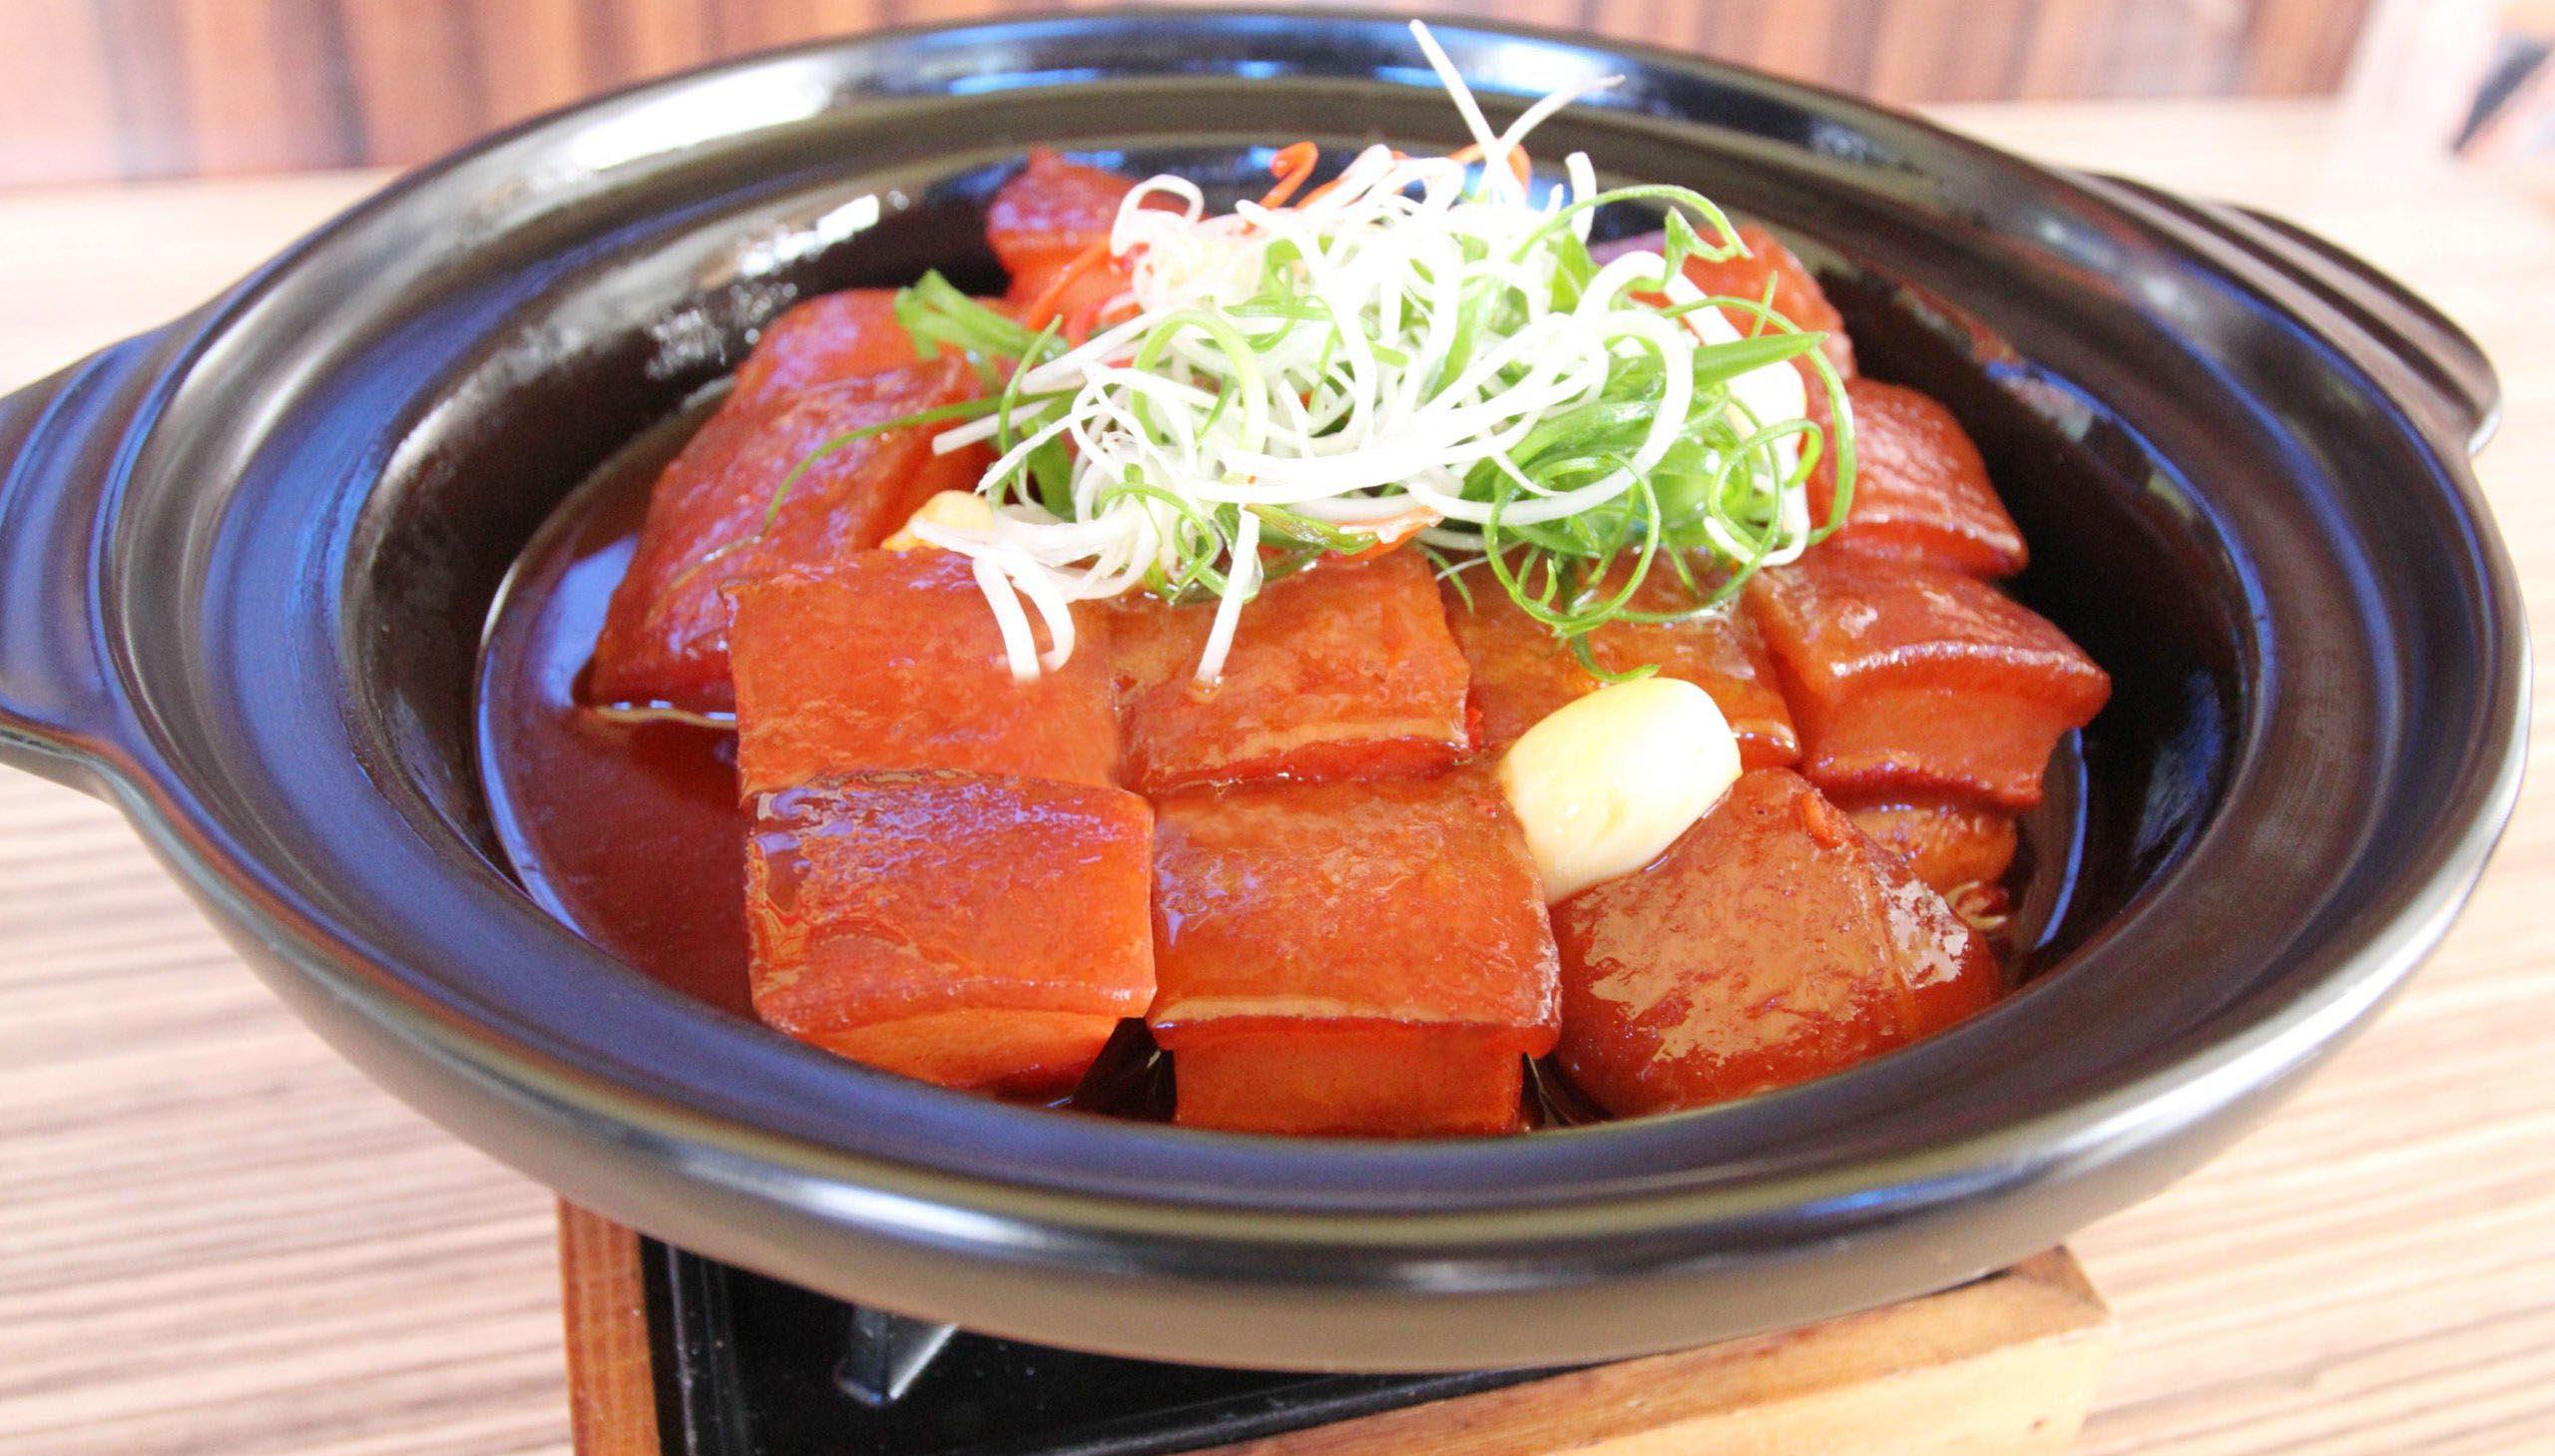 东坡肉与红烧肉区别